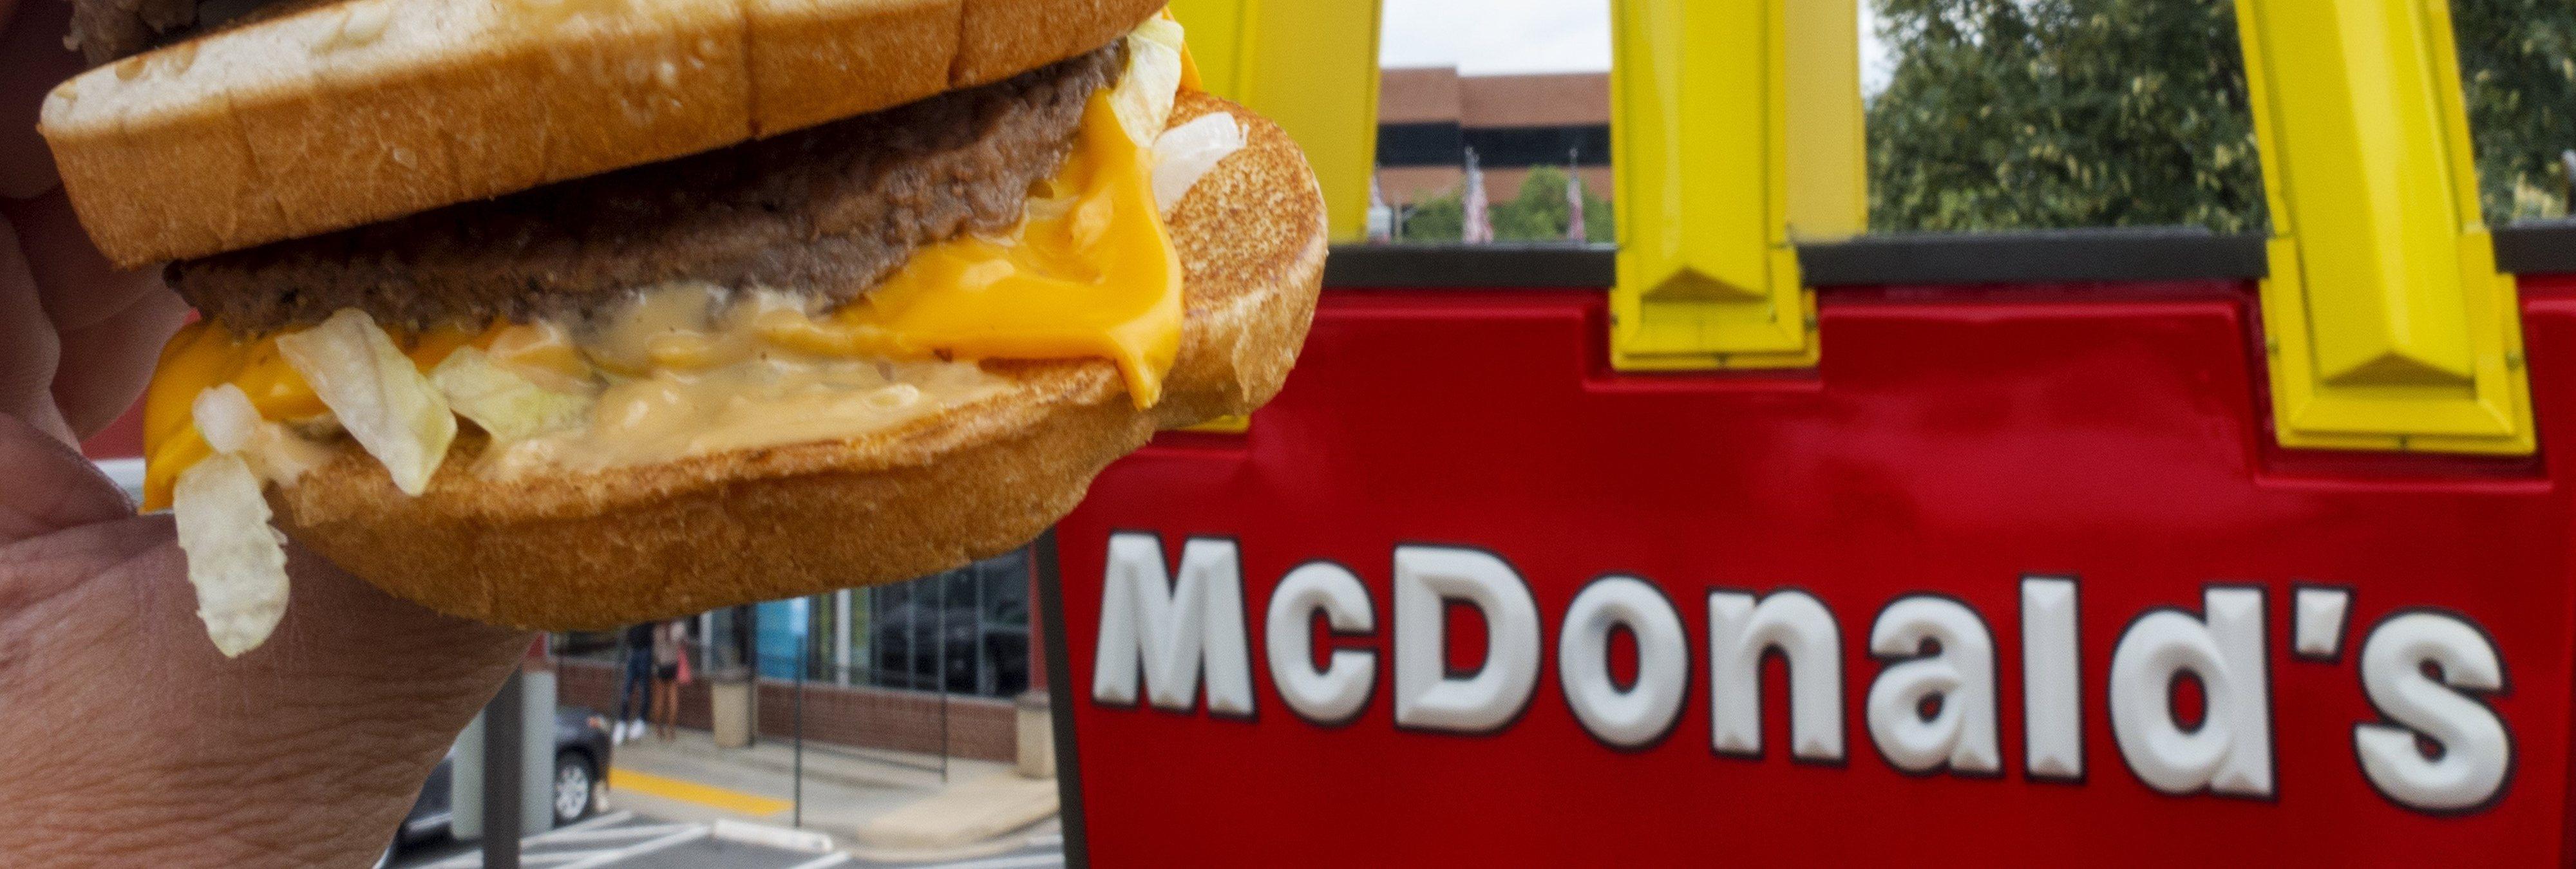 Detenido tras violar a una niña de cuatro años dentro de un McDonald's